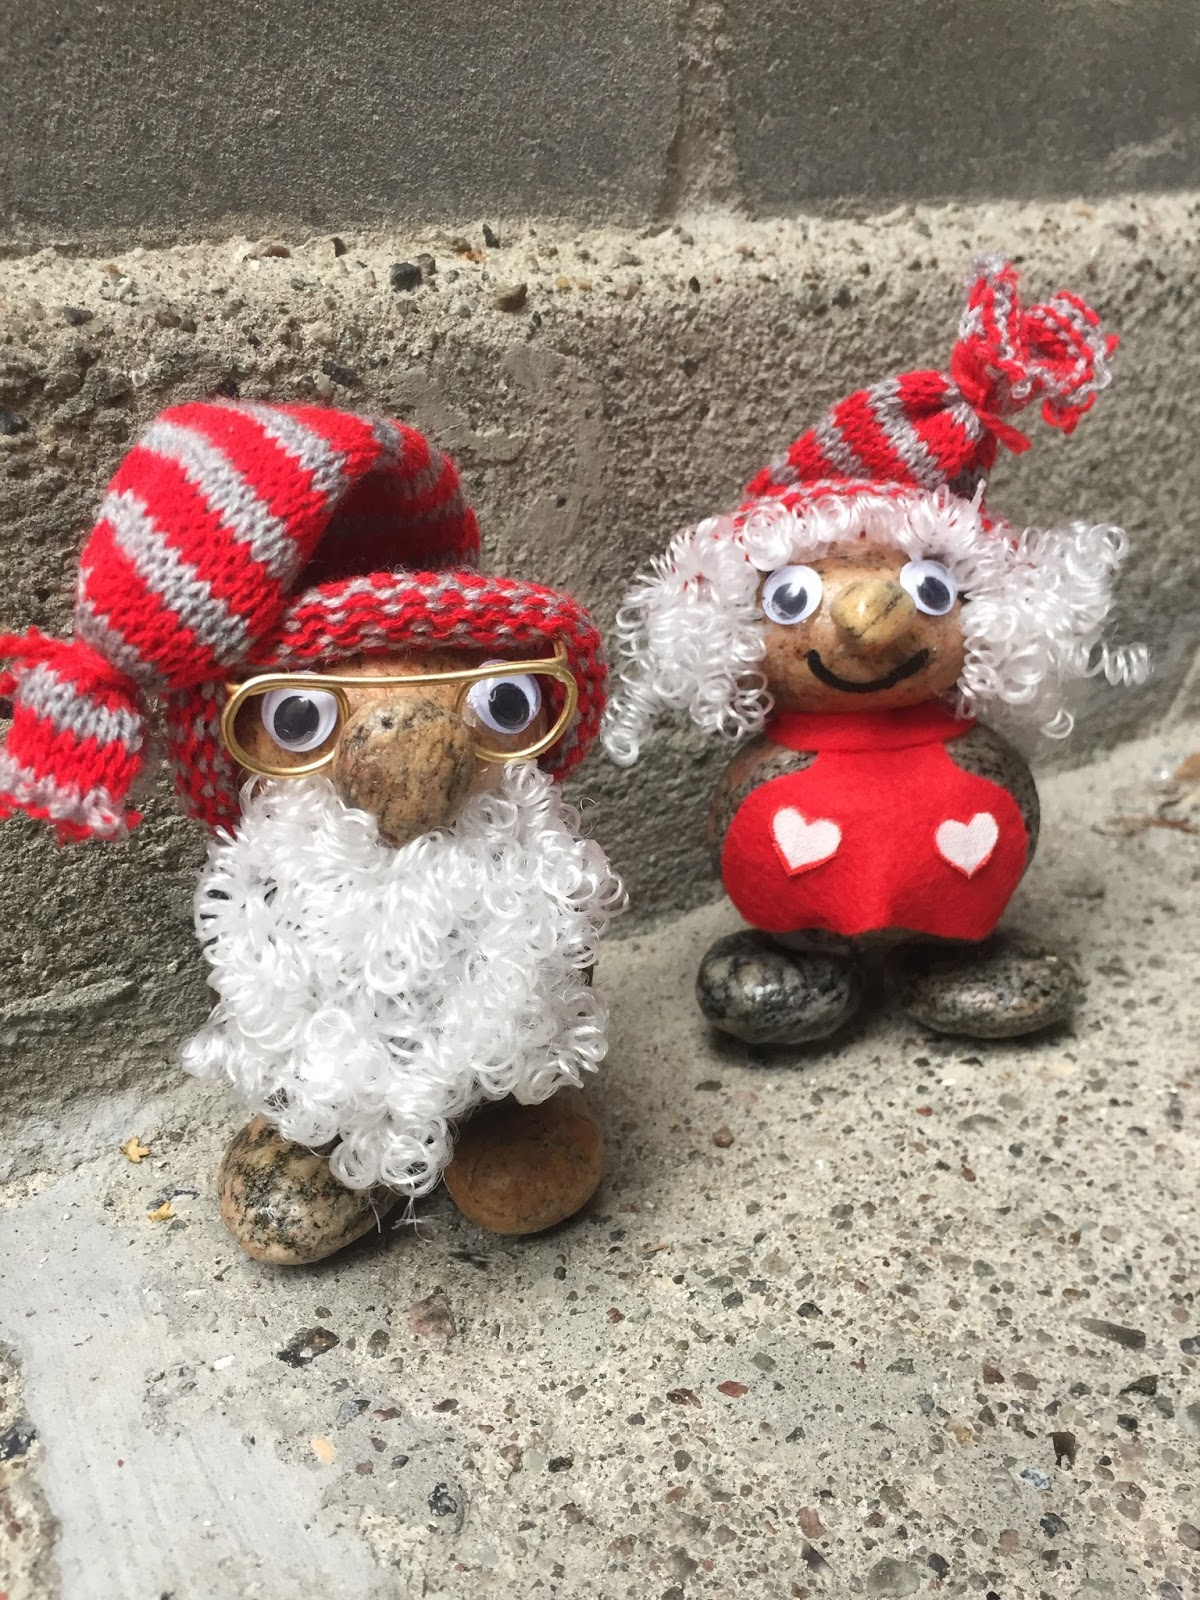 #B21926 Mest effektive Kaos Kærlighed Og Kreativitet : Mine Yndlings Gør Det Selv Nisser Gør Det Selv Nissedør 5805 120016005805